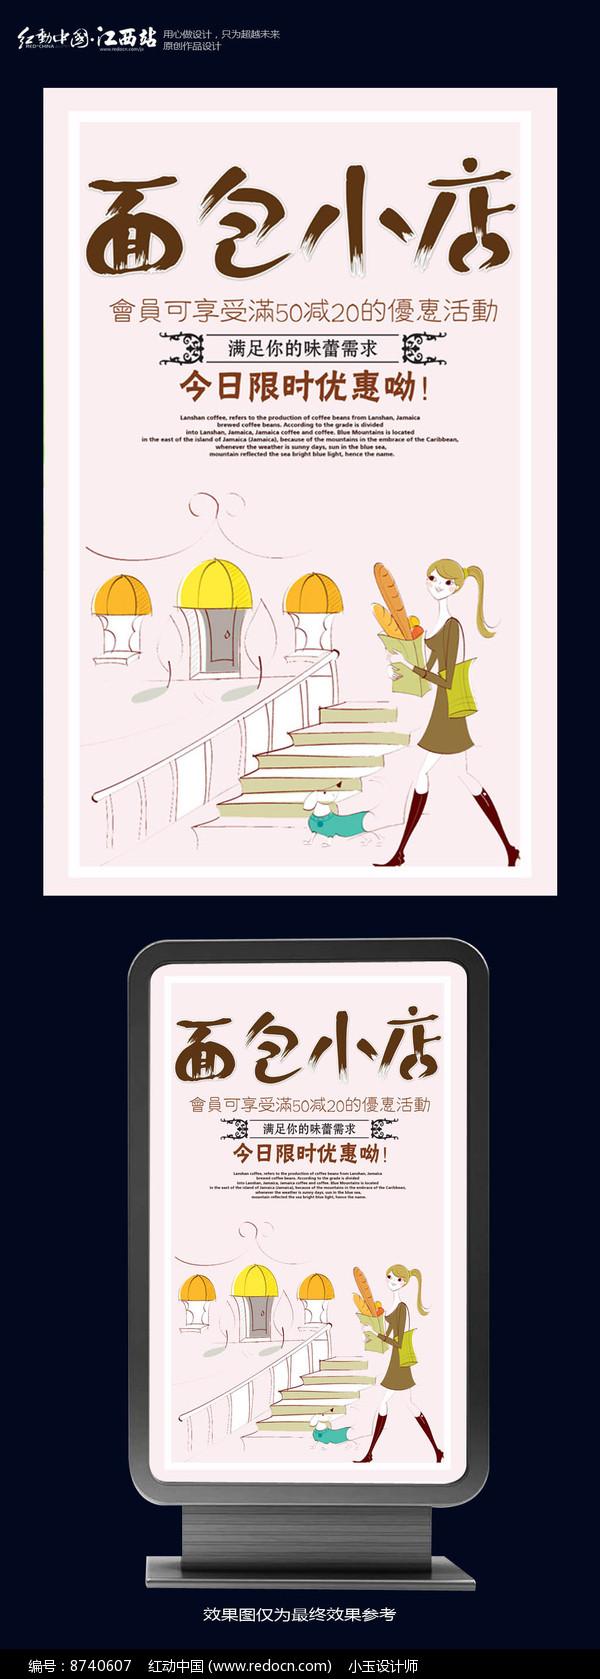 面包店宣传海报设计图片